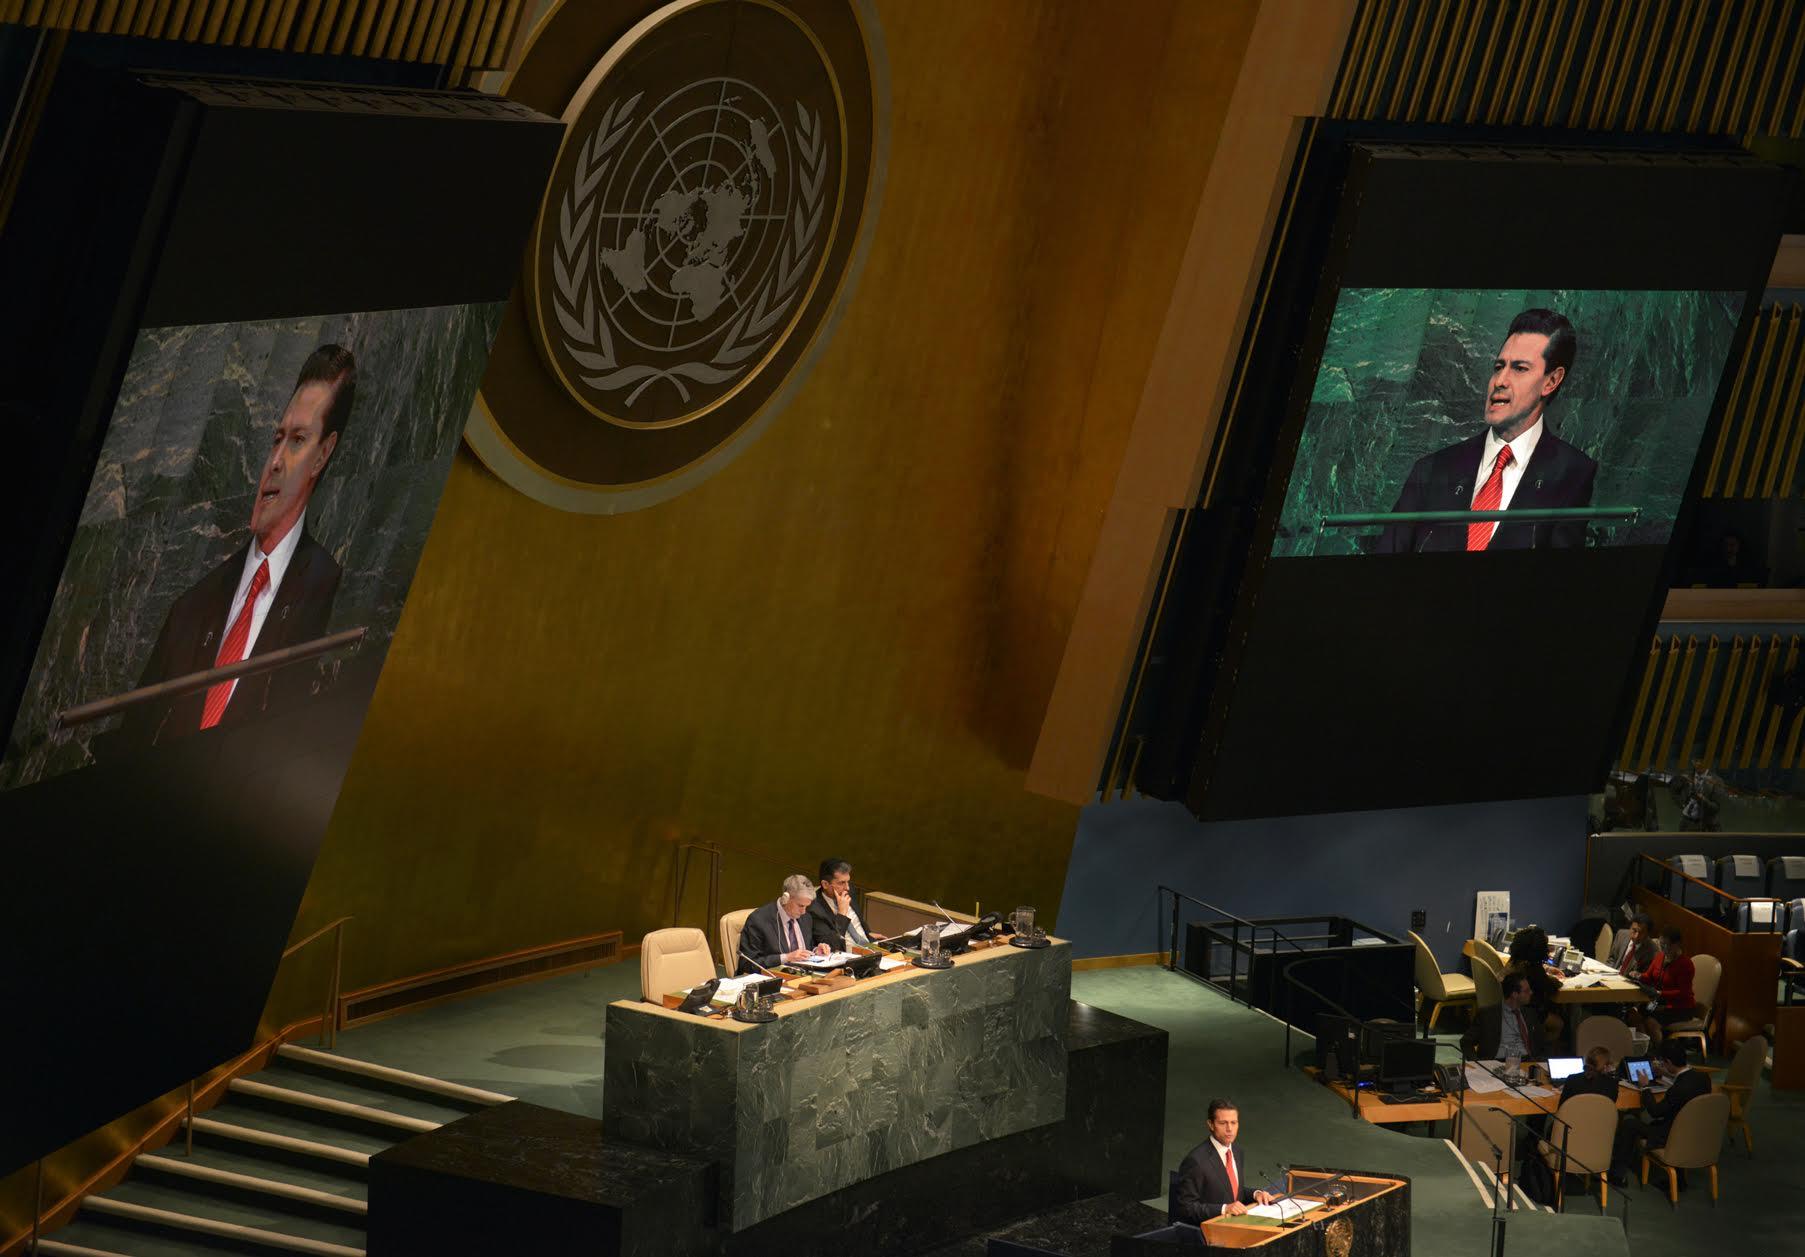 El Primer Mandatario participó en el Debate General de la Sesión Especial de la ONU sobre el Problema Mundial de las Drogas 2016.